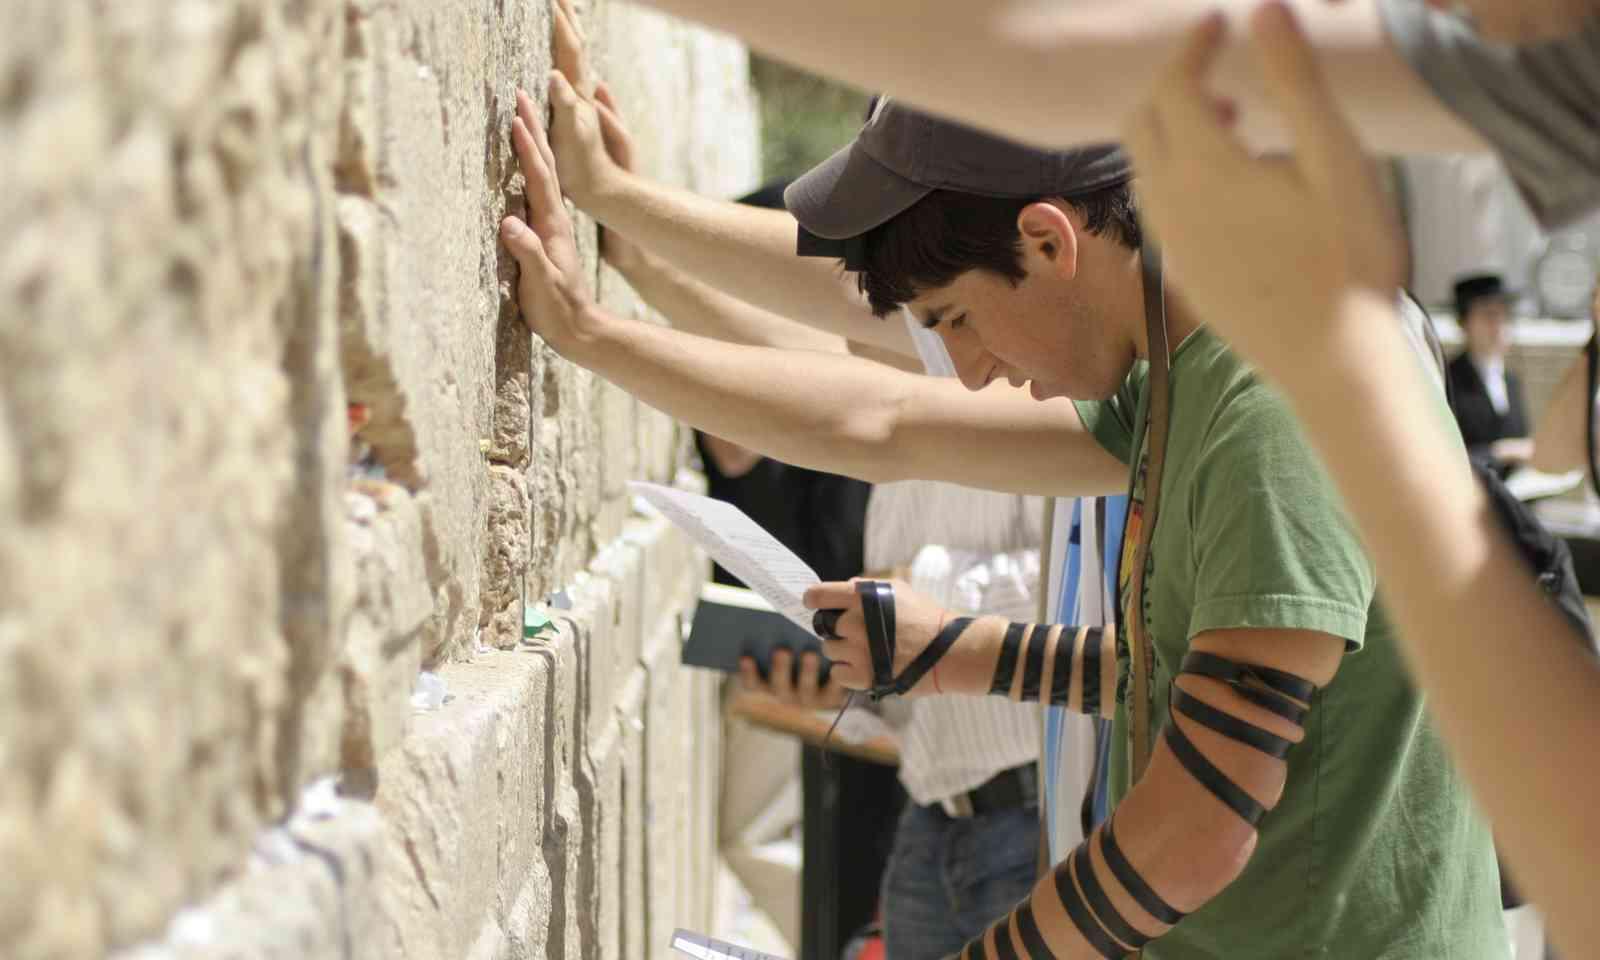 Praying at the Wailing Wall (Dreamstime)